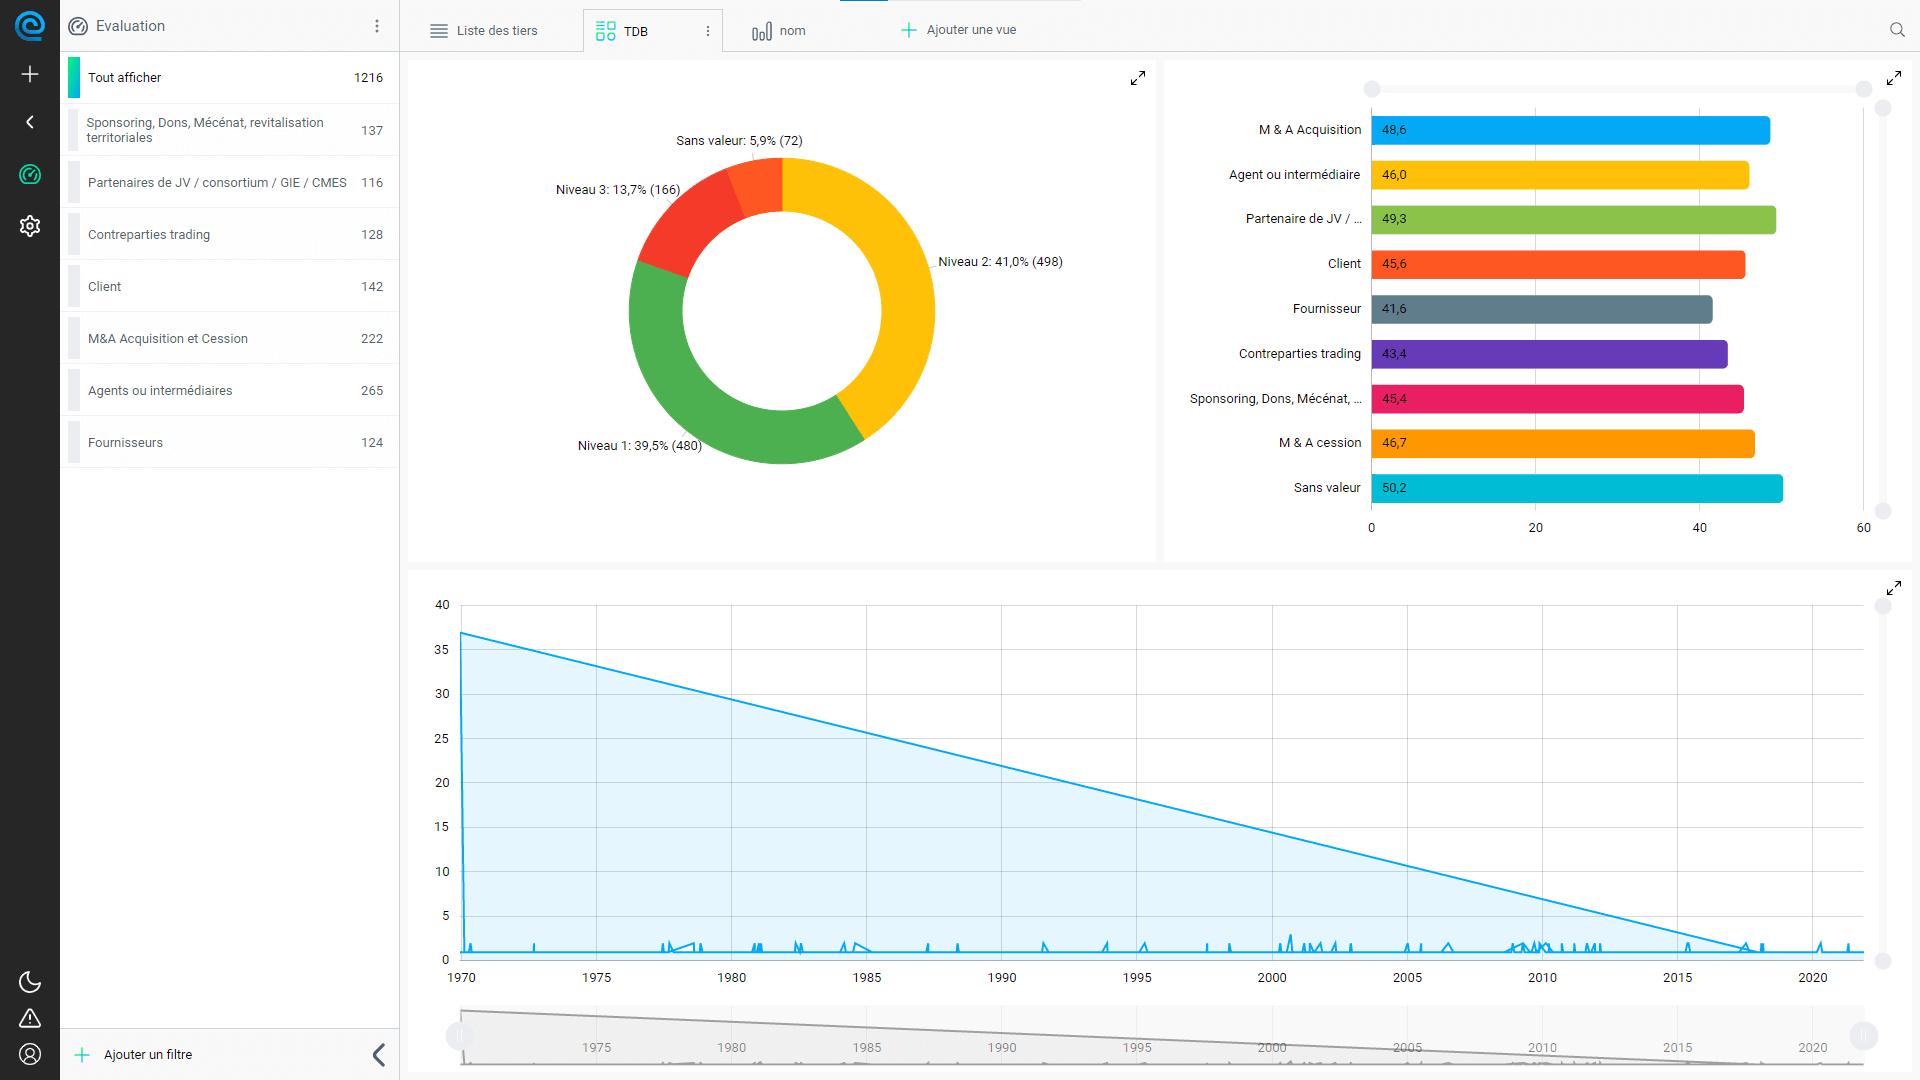 AFA - Évaluation tiers